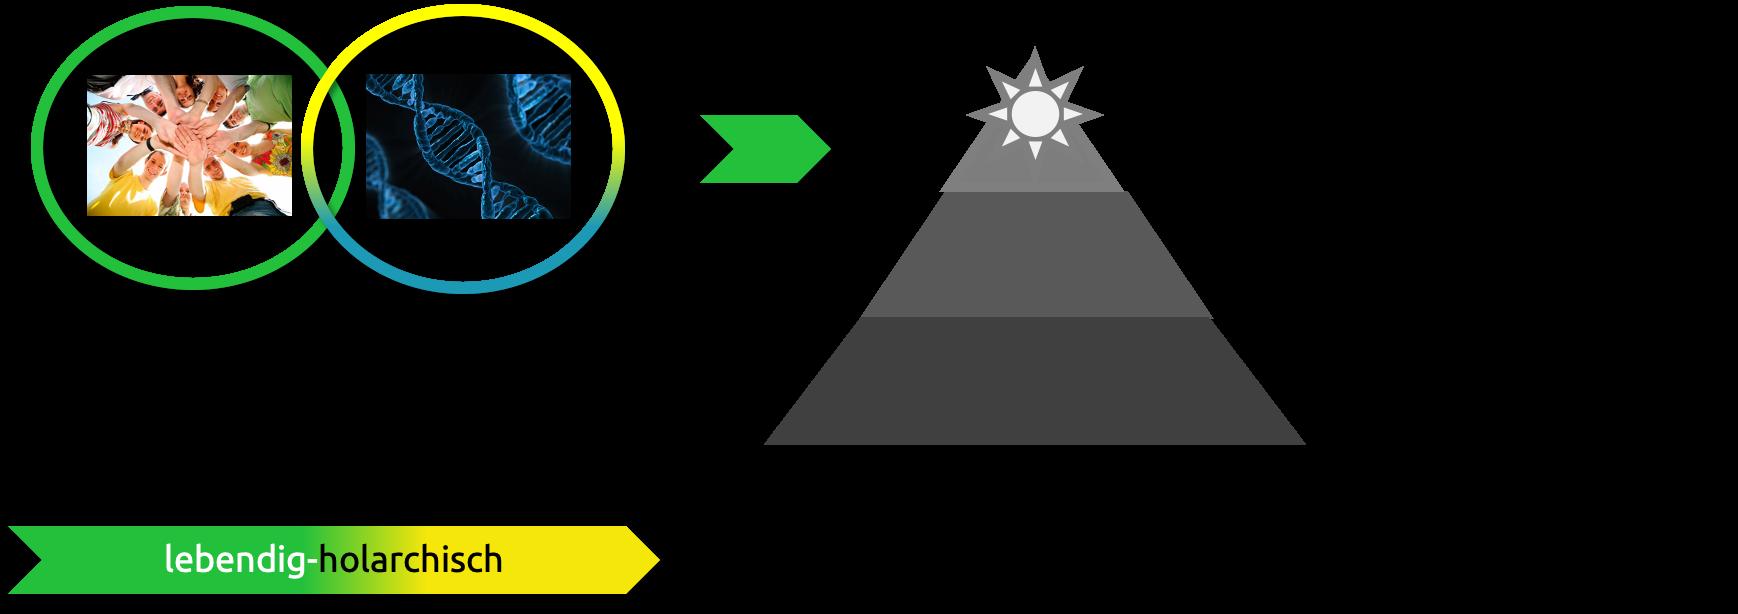 Soziokratie unterstützt Sinnorientierung durch integrierten Purpose und abgestimmte Domains